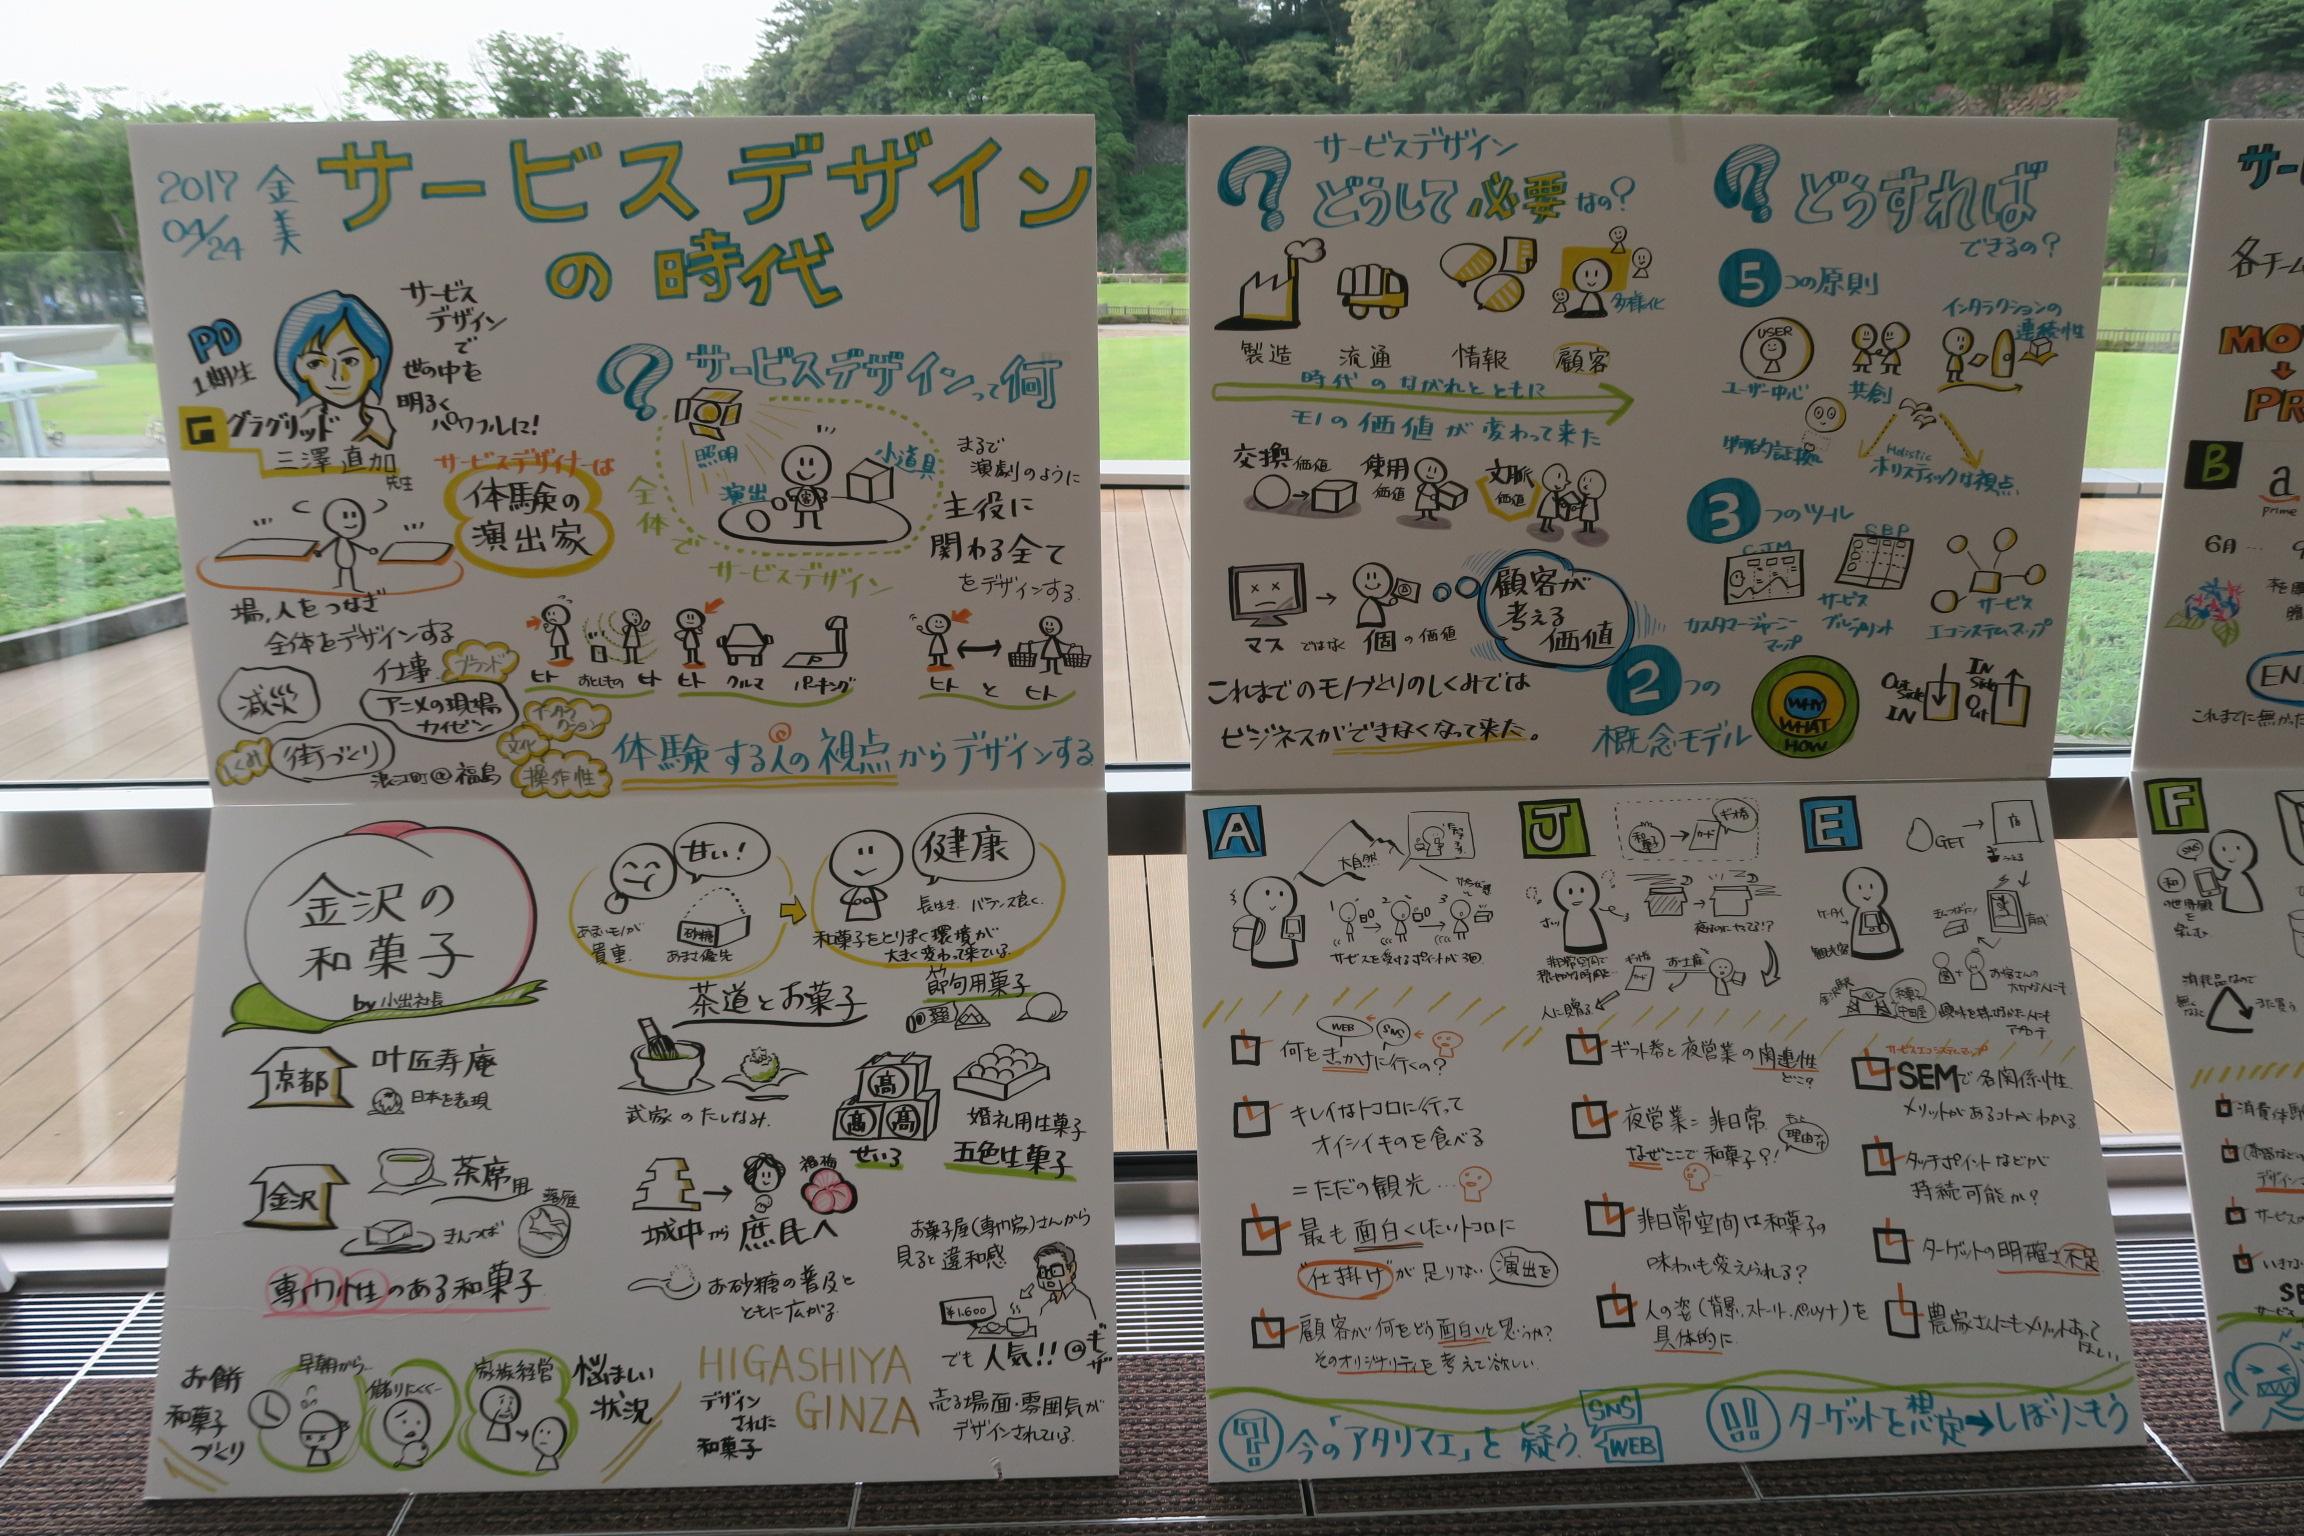 金沢美術工芸大学でのサービスデザイン授業